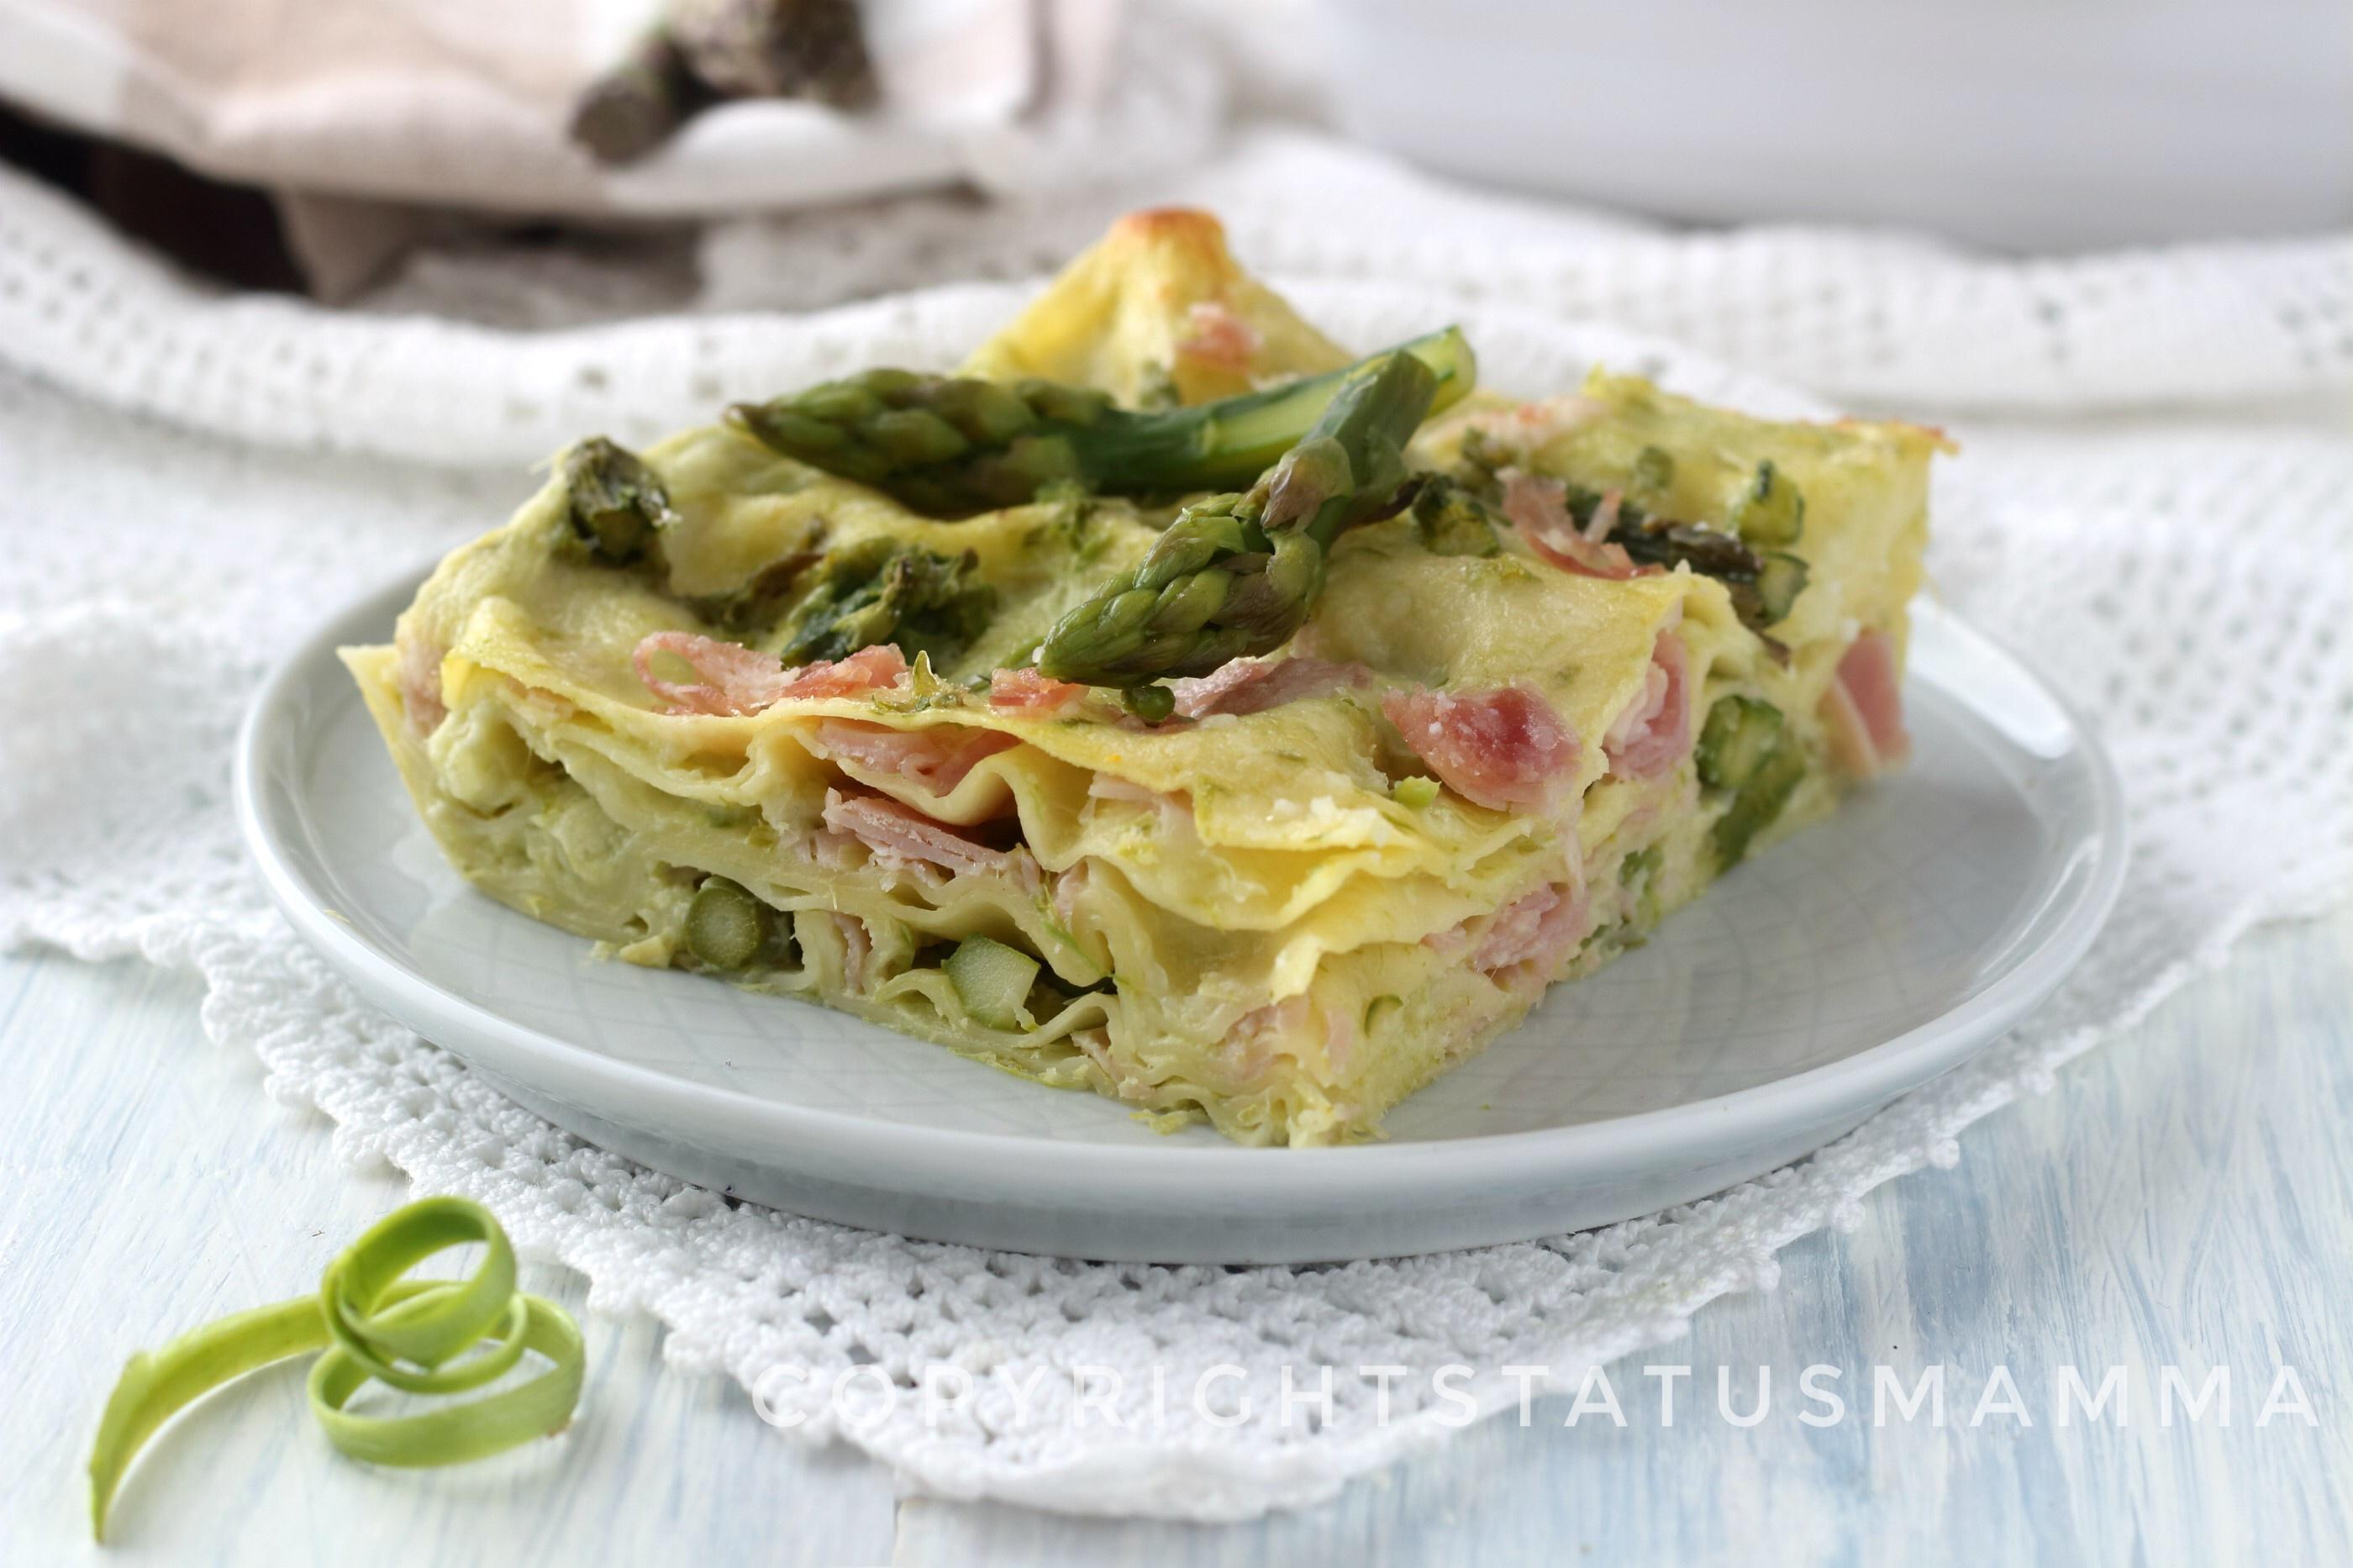 RICETTE CON LE VERDURE DI MAGGIO - Lasagne agli asparagi e prosciutto cotto facile e veloce